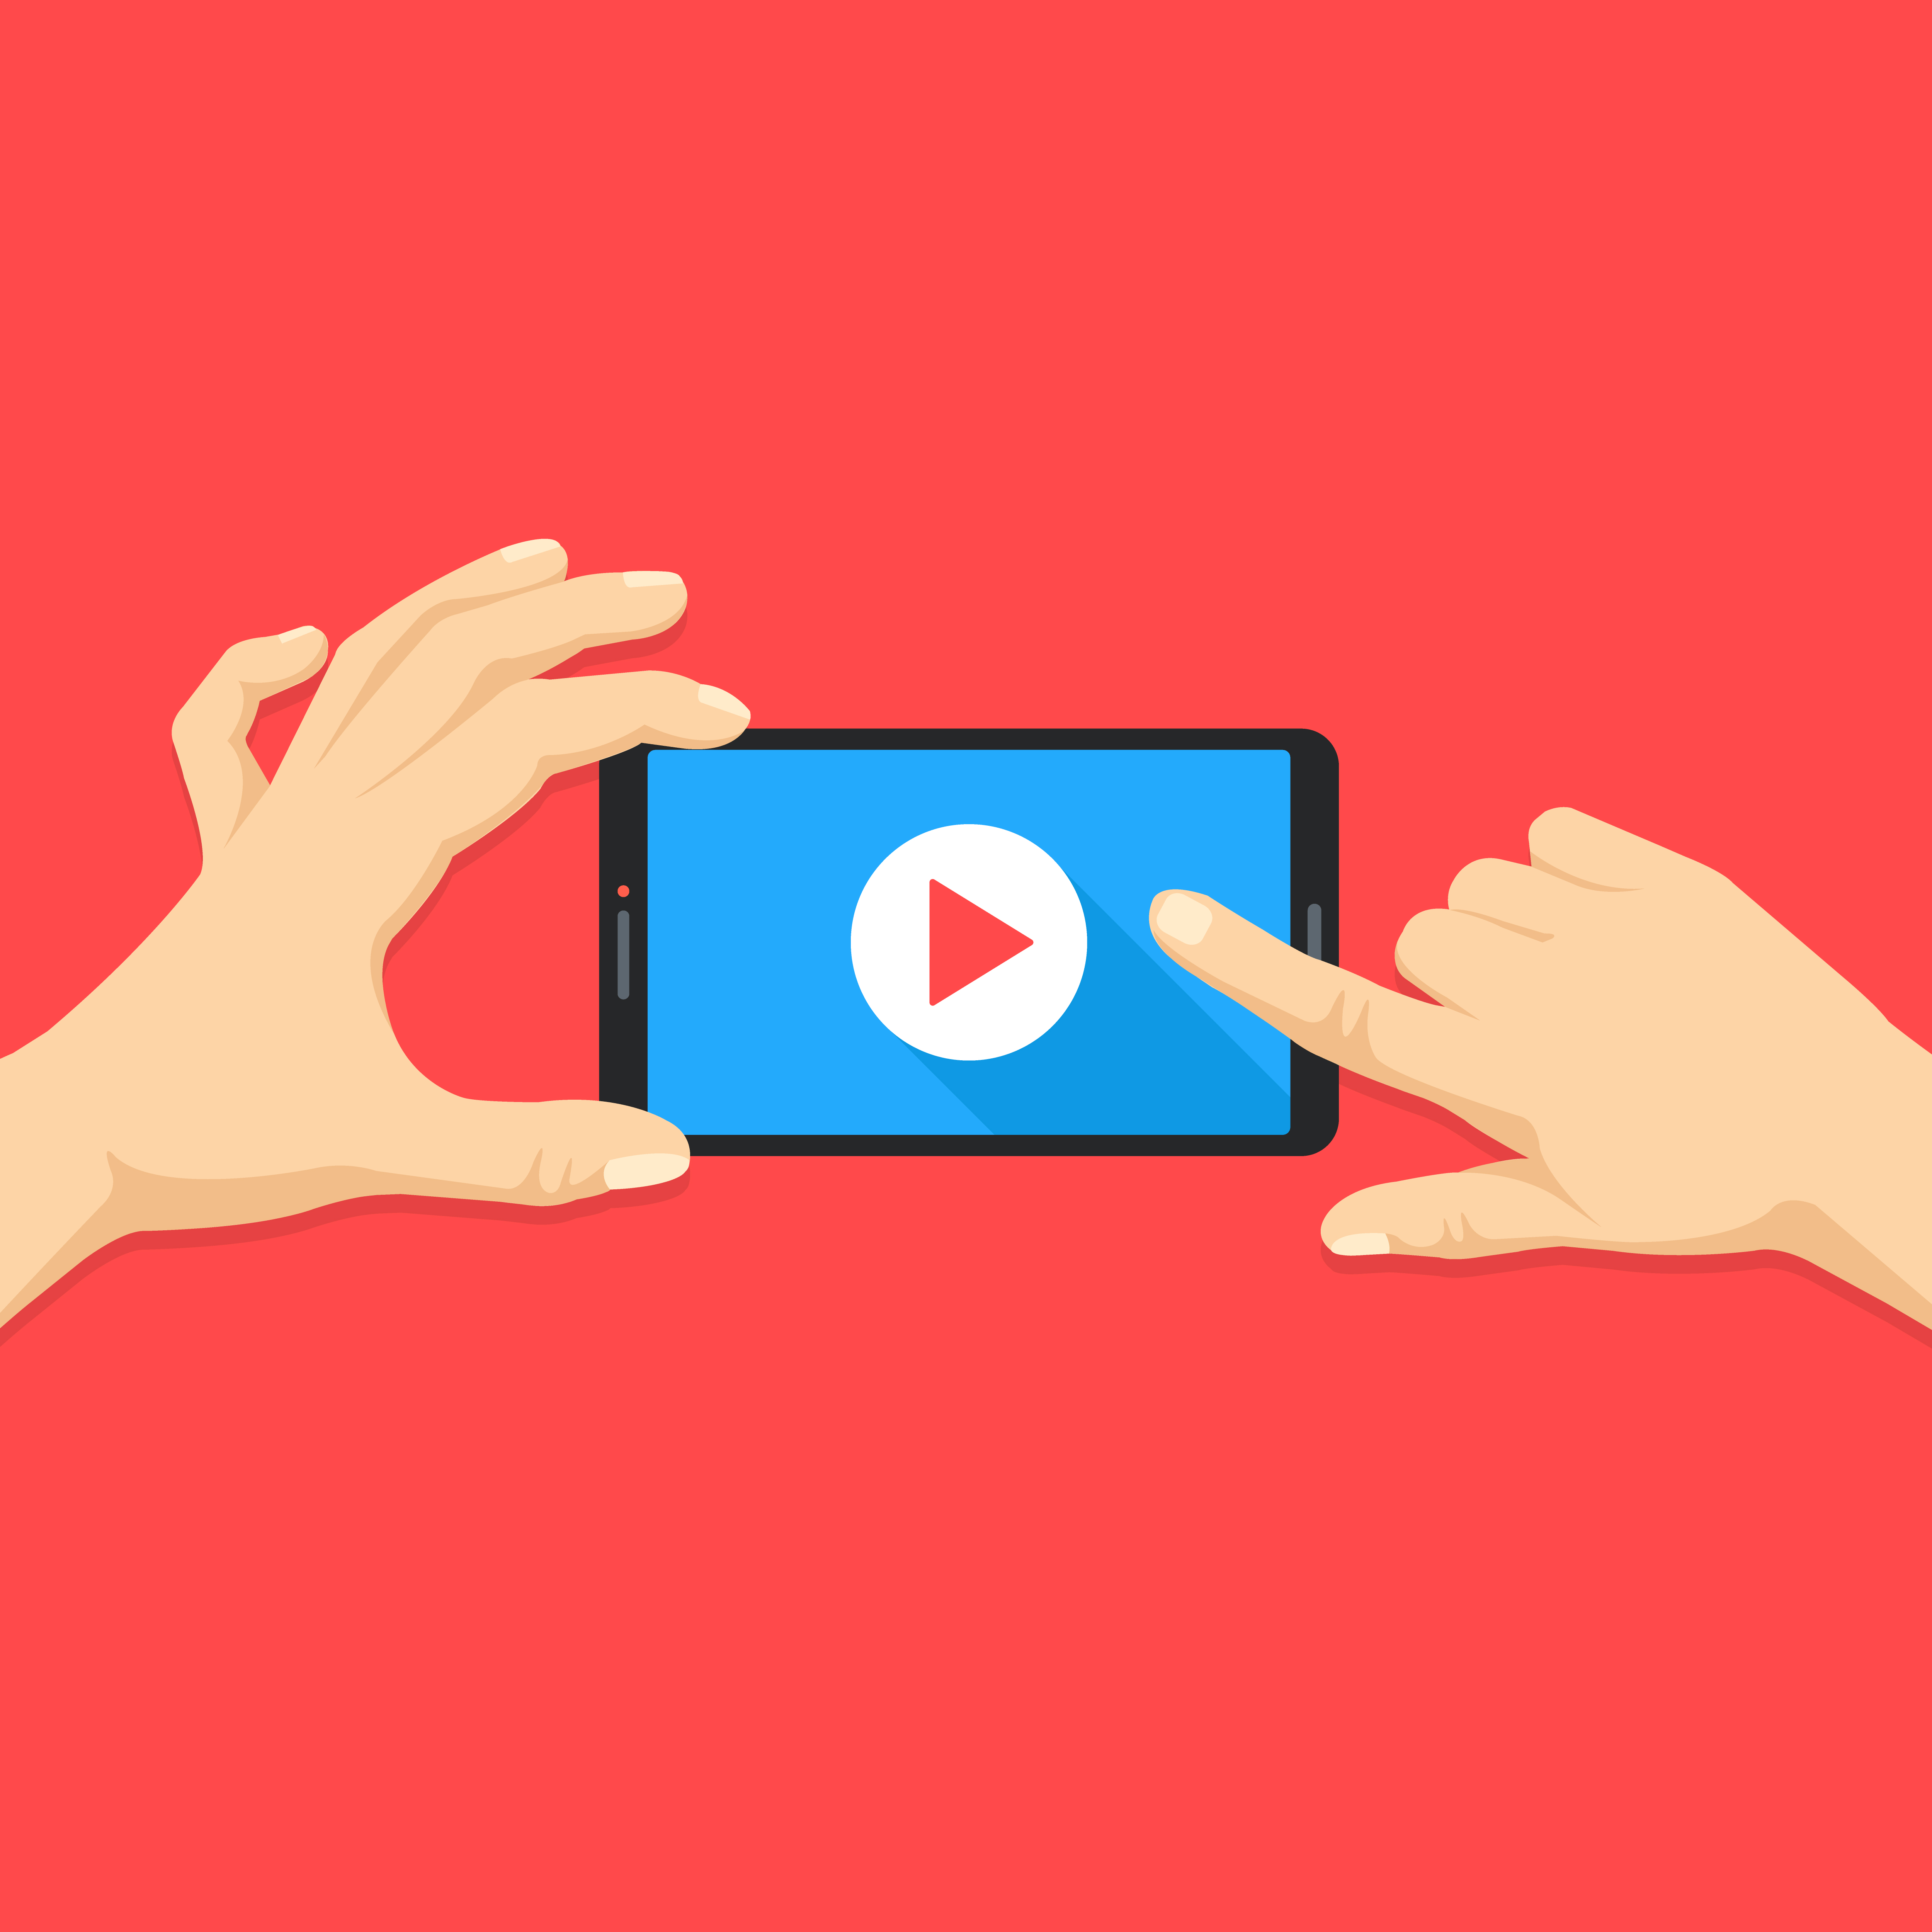 Los videos más vistos de la semana